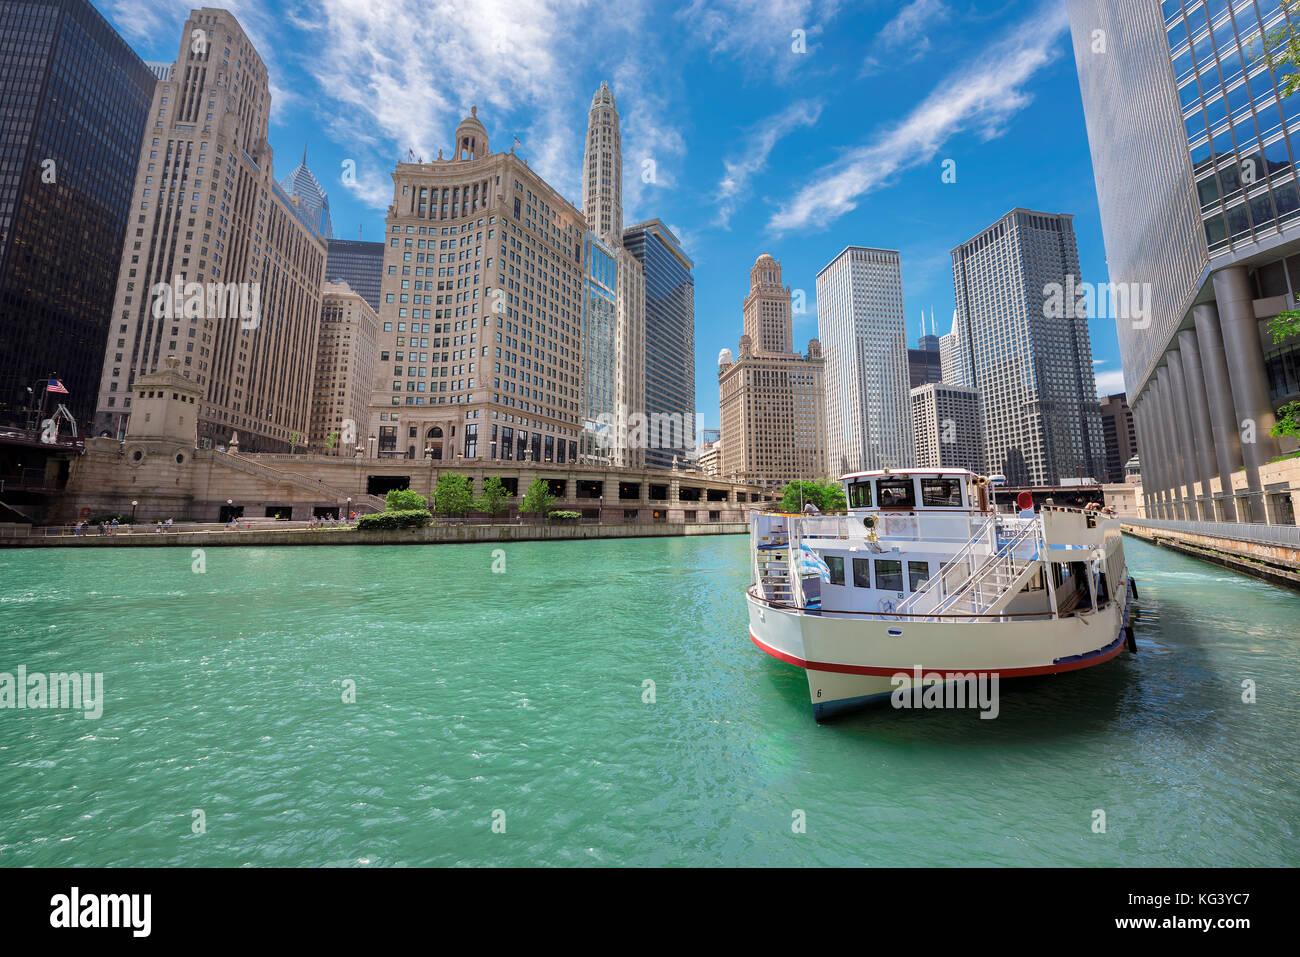 Les touristes bateau sur la rivière Chicago Photo Stock